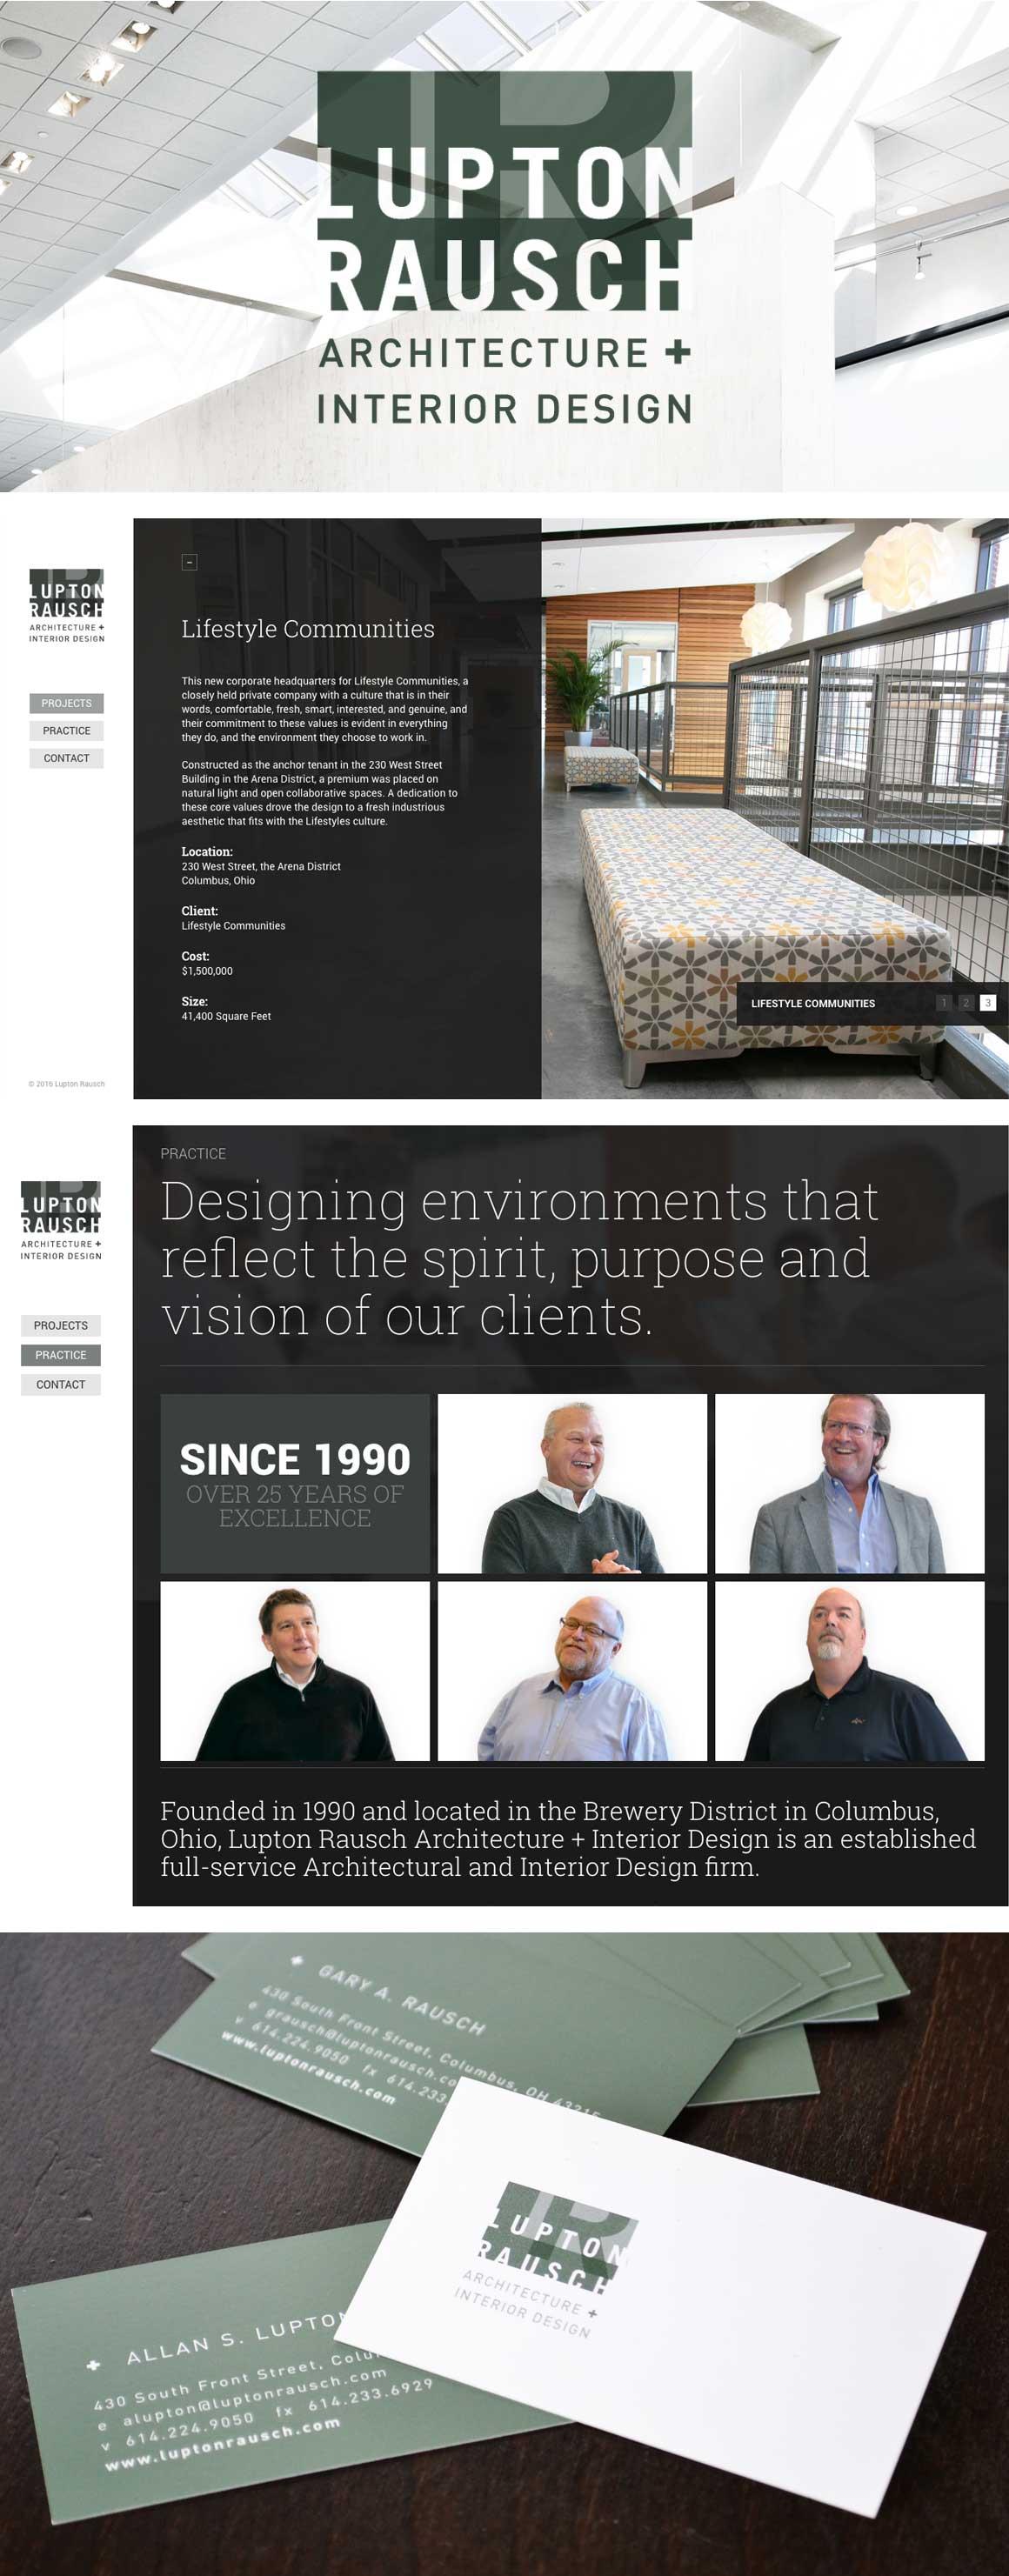 Lupton Rausch Website Design